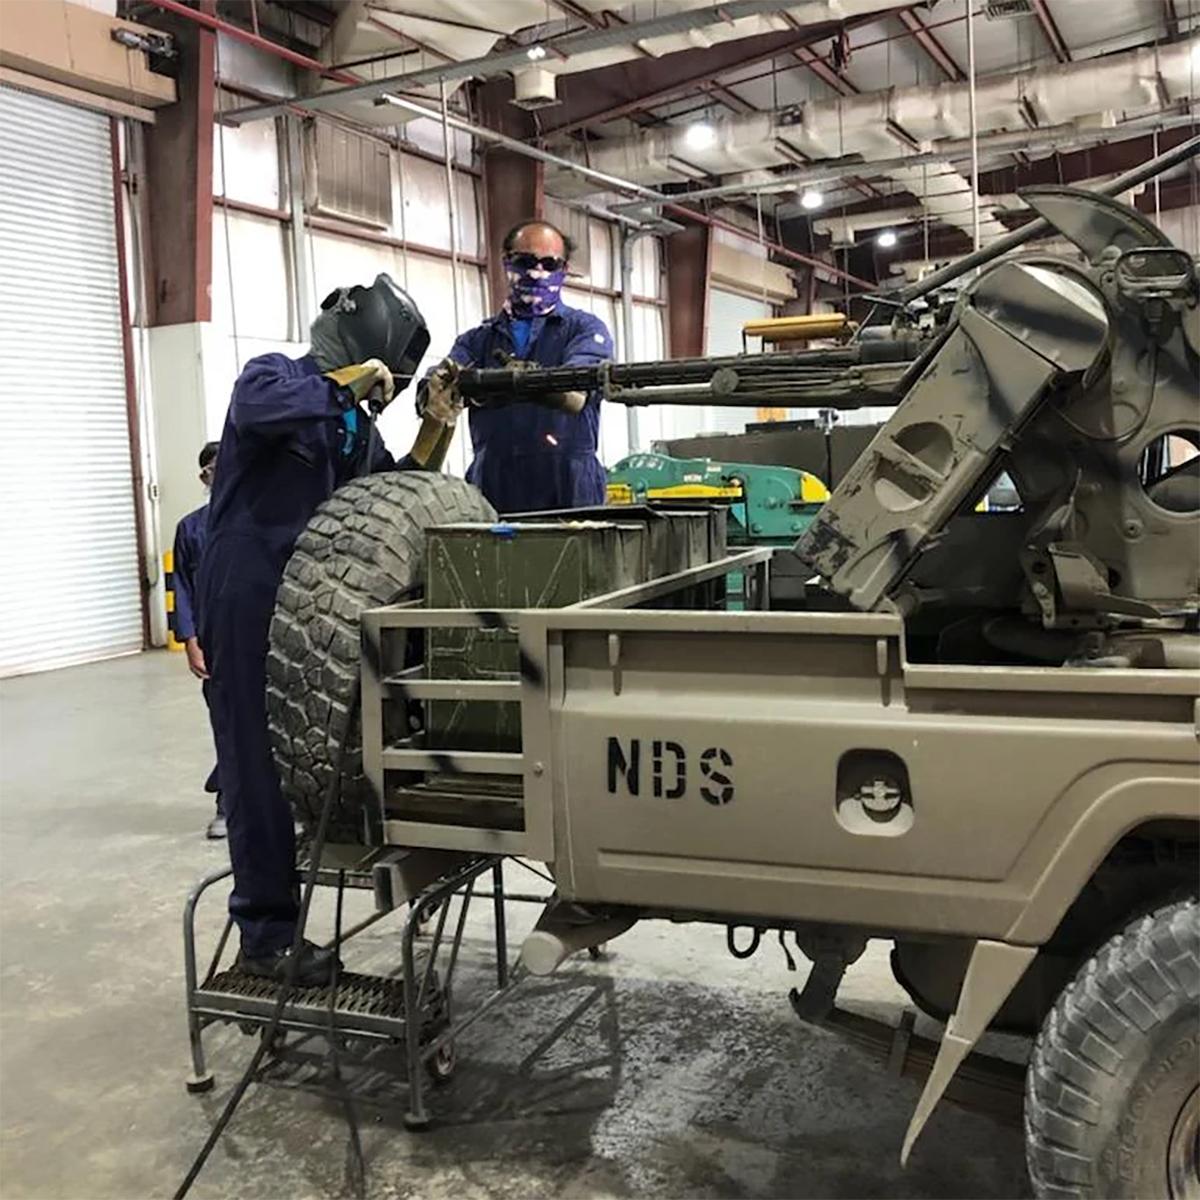 Thợ quân khí hàn nòng pháo và vô hiệu hóa tổ hợp ZPU-2 trên chiếc xe bán tải tại căn cứ Fort Bragg hồi tháng 9. Ảnh: US Army.